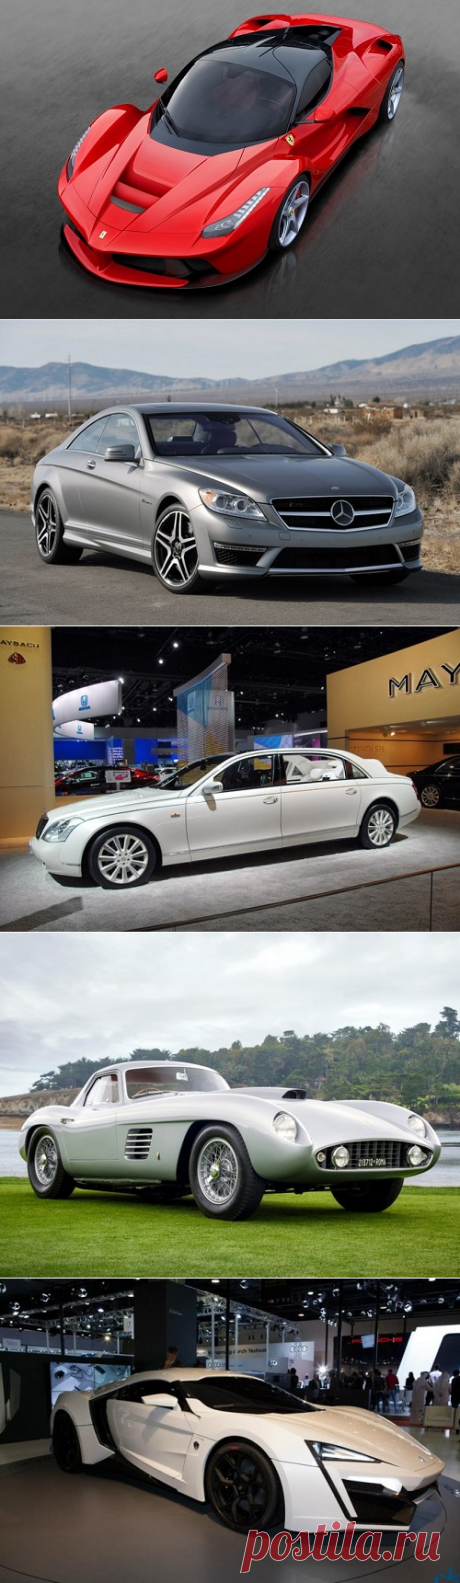 Фото рейтинг Самые дорогие автомобили, цена которых исчисляется миллионами